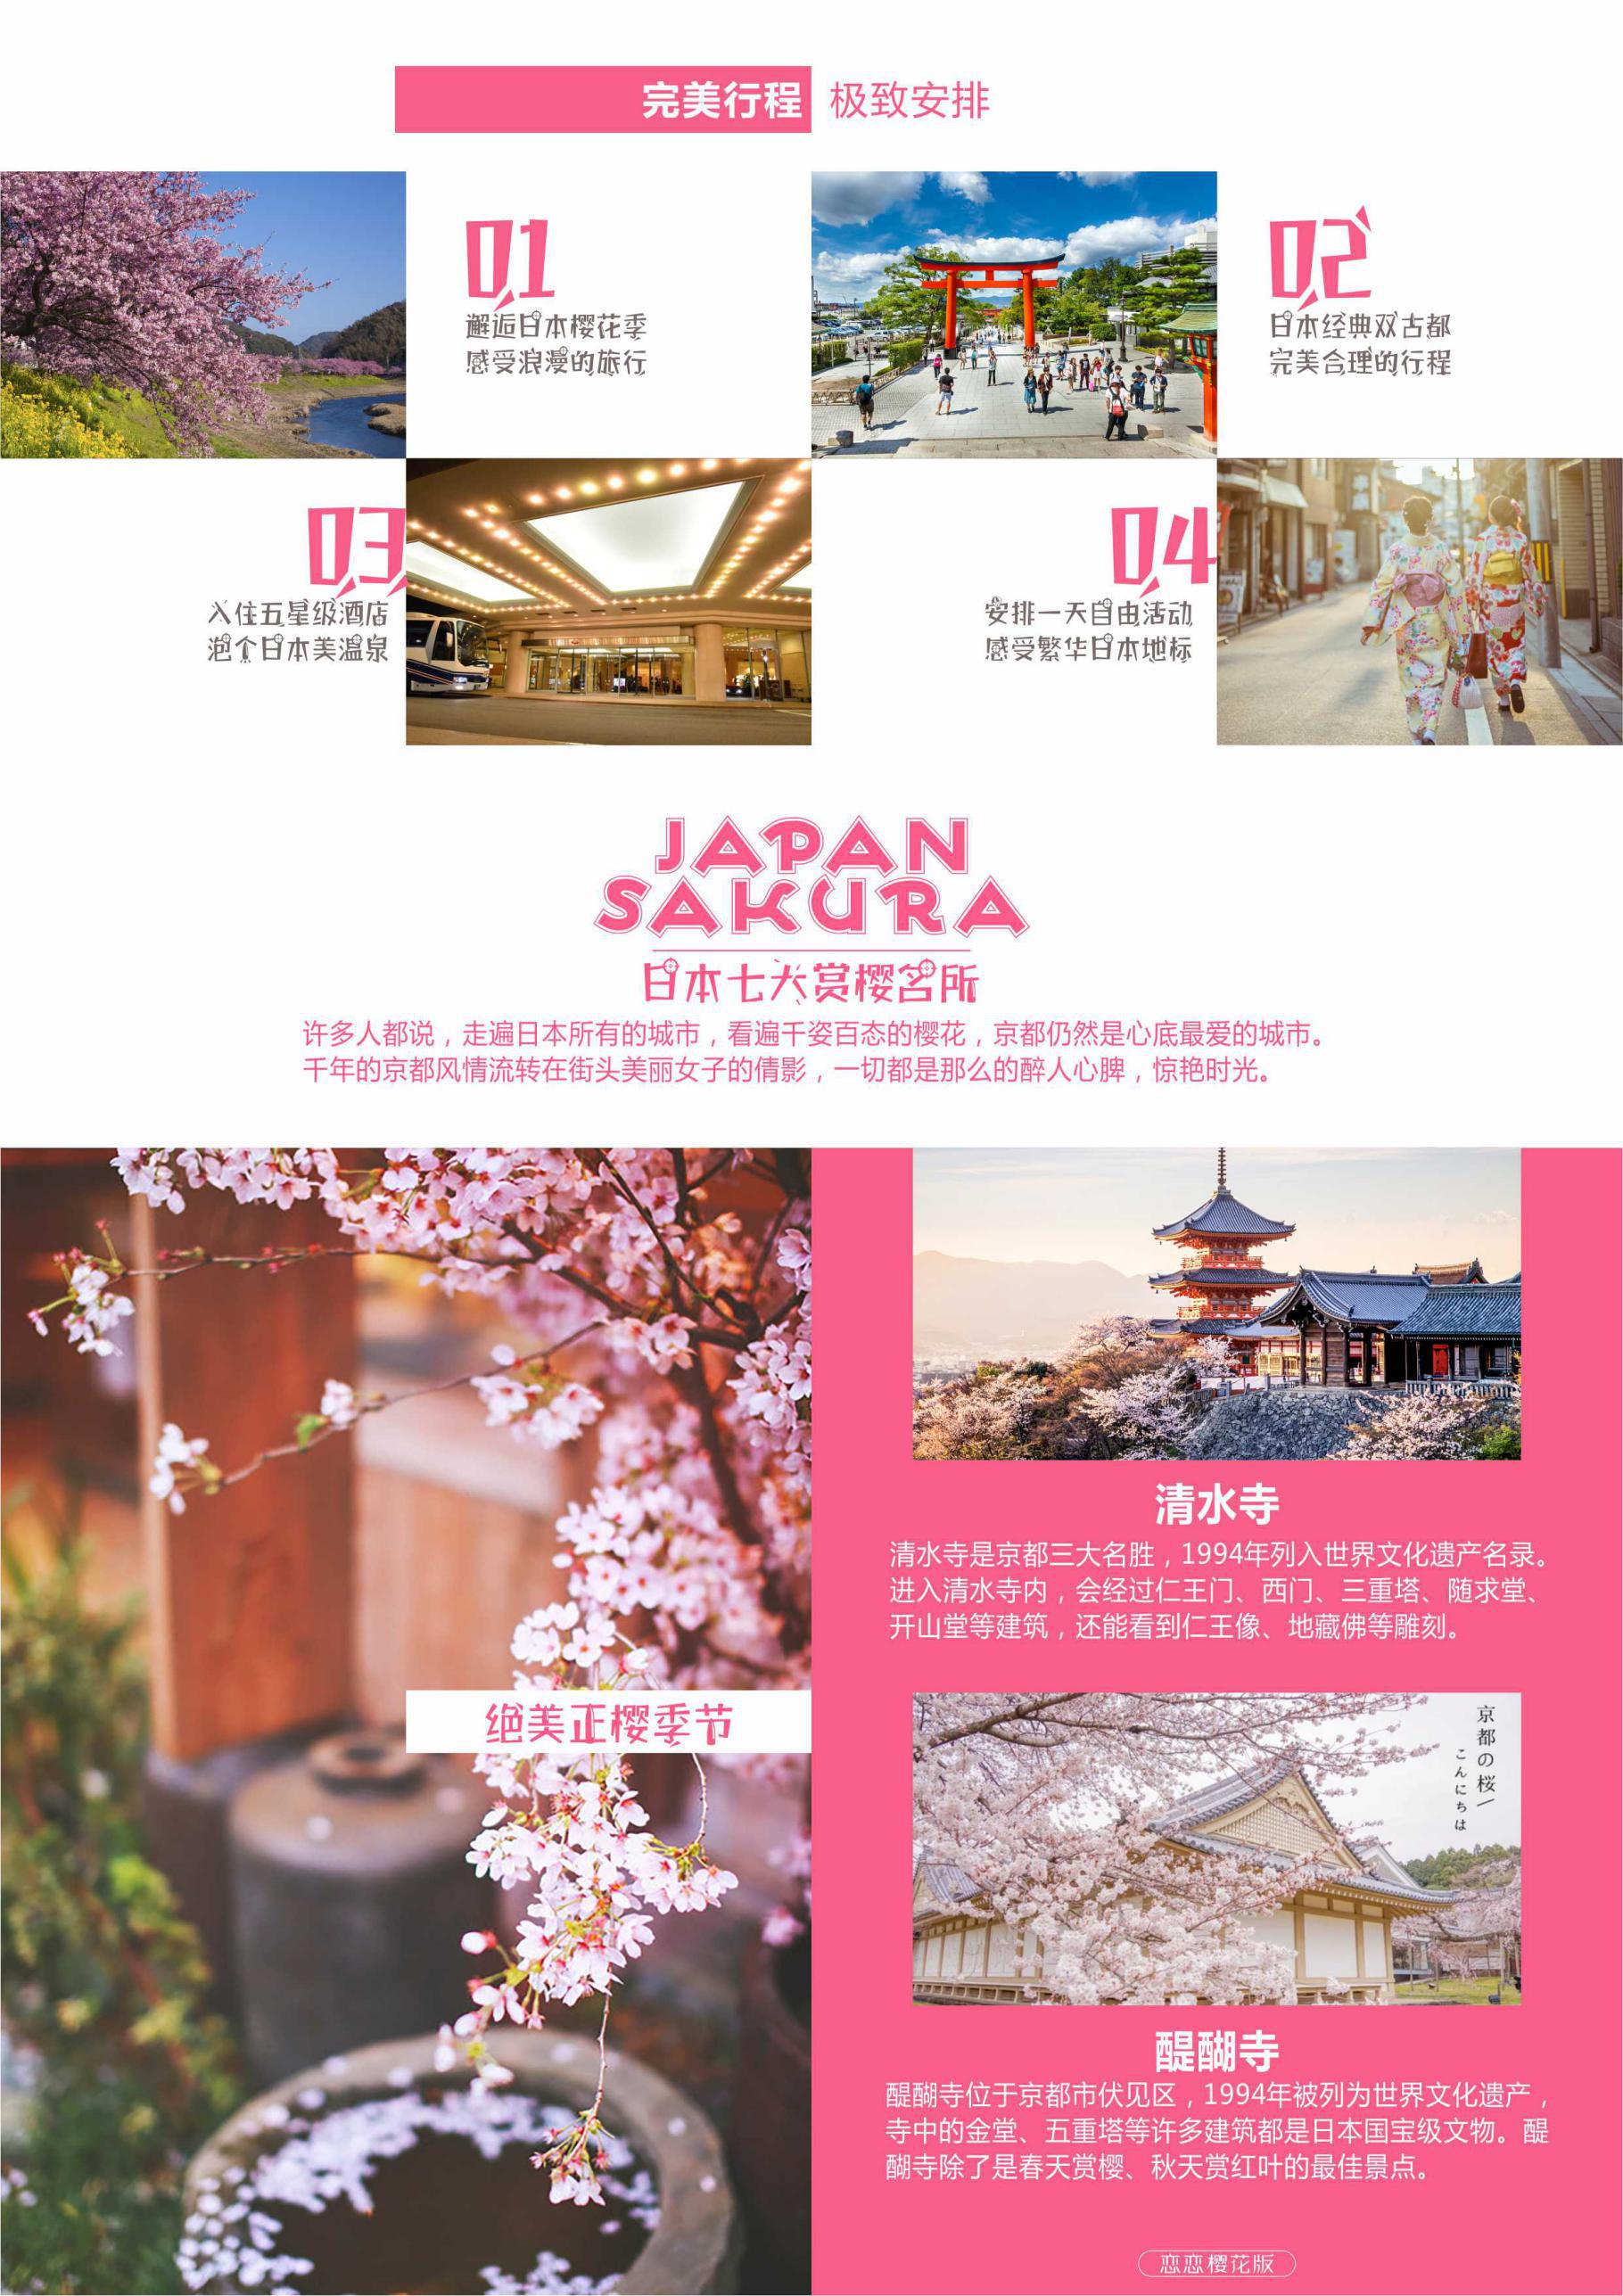 【清水寺】清水寺始建于778年,是京都最古老的寺院,后于1994年被列入世界文化遗产名录。这里大型的看点是悬空的清水舞台,站在这里不仅可以眺望京都的街道,本堂内供奉的十一面千手观音像还是能够保佑财运的文化遗产,是日本国宝级文物,四周绿树环抱,春季时樱花烂漫,是京都的赏樱名所之一,秋季时红枫飒爽,又是赏枫胜地。 清水寺内有音羽瀑布,清泉一分为三,分别代表了学业成就、恋爱成就、长寿祈愿三个层面,从这三个泉口任选一个然后饮下此泉水,许下的愿望就实现。但是需要注意的是,如果欲望太多饮下太多泉水,反而会适